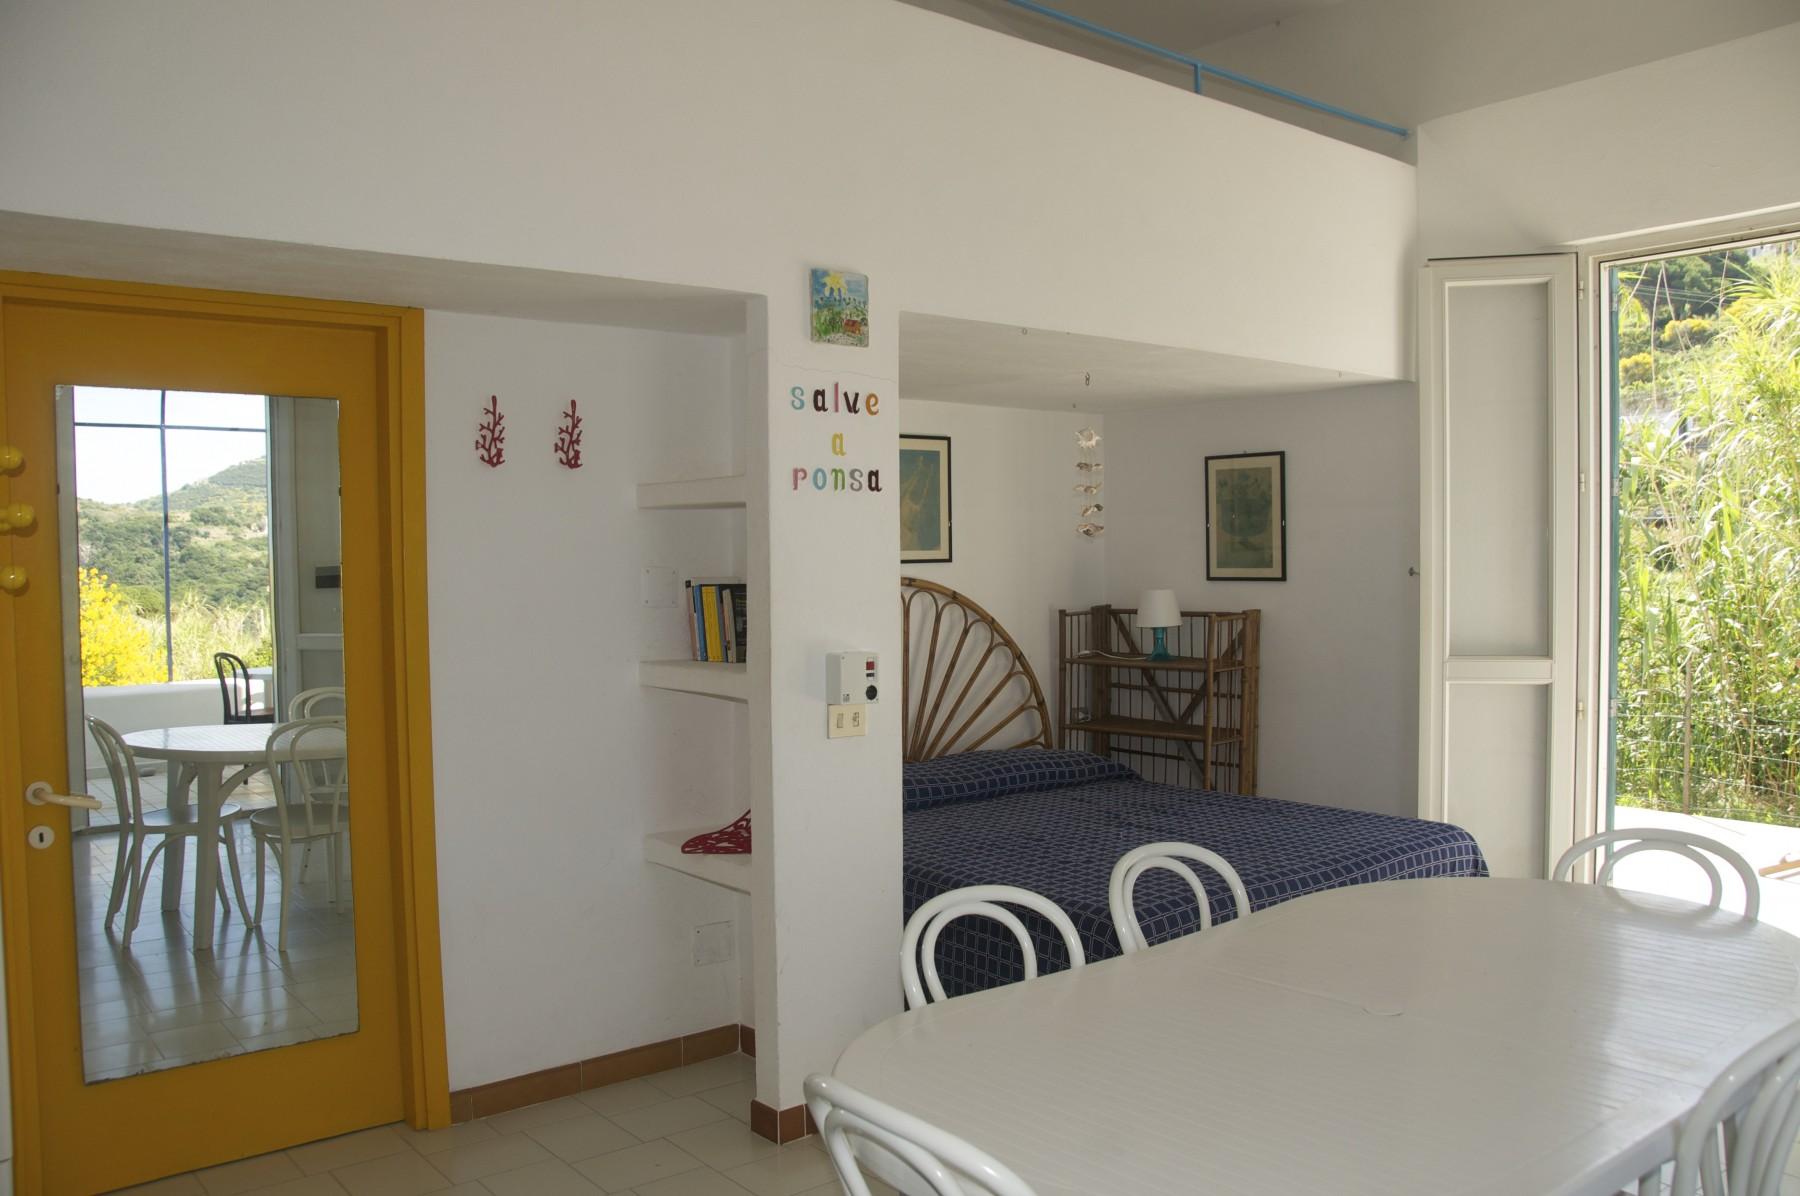 Appartamenti in ponza turistcasa piana 92 for Appartamenti ponza